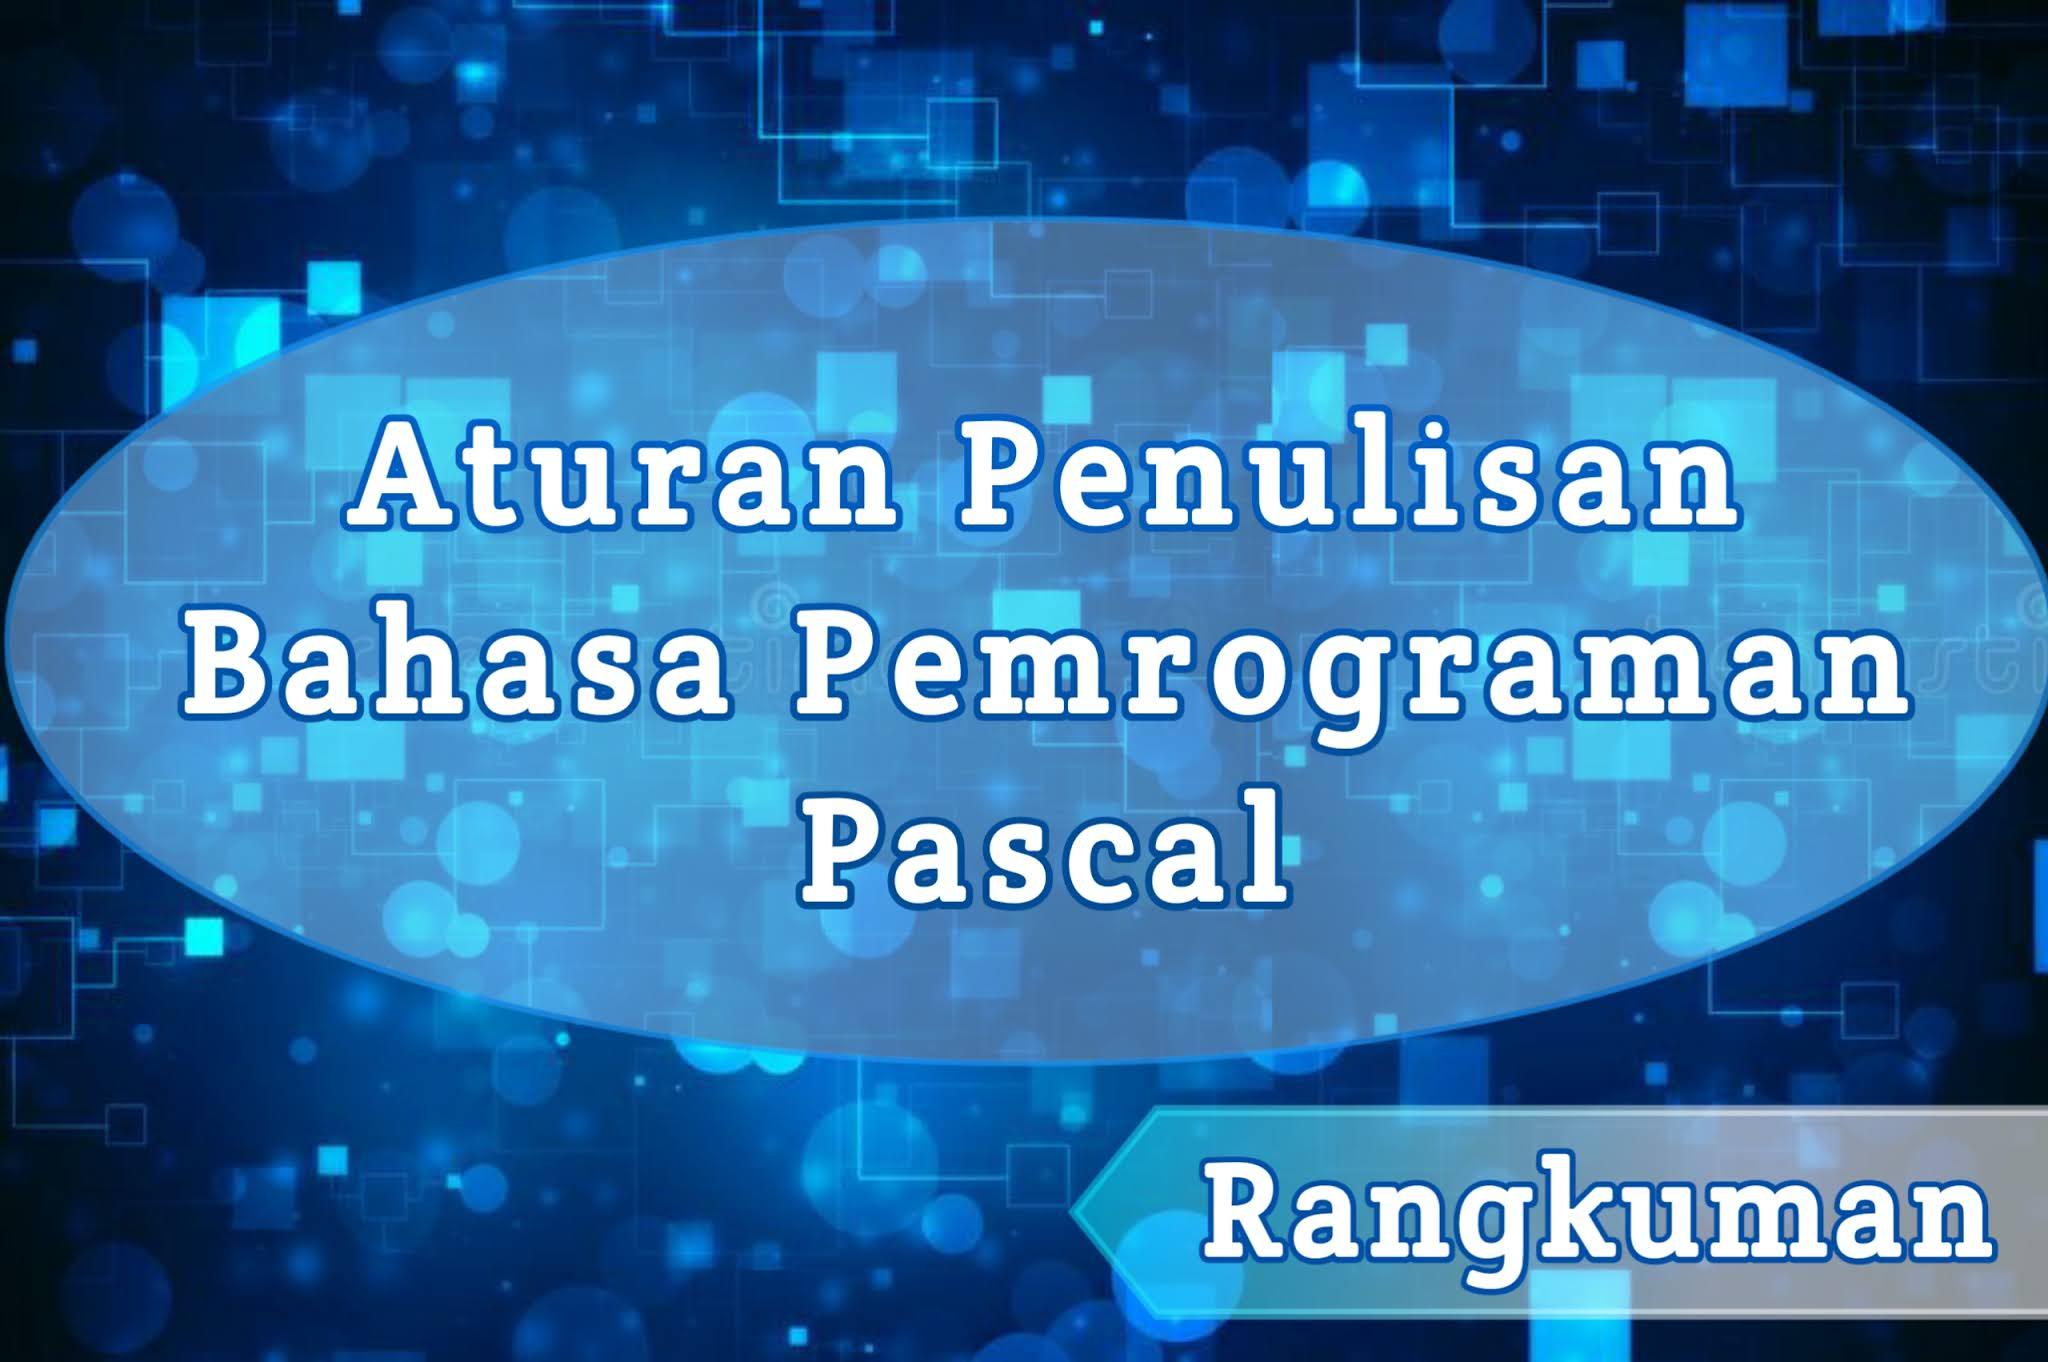 Rangkuman Aturan Penulisan Pascal